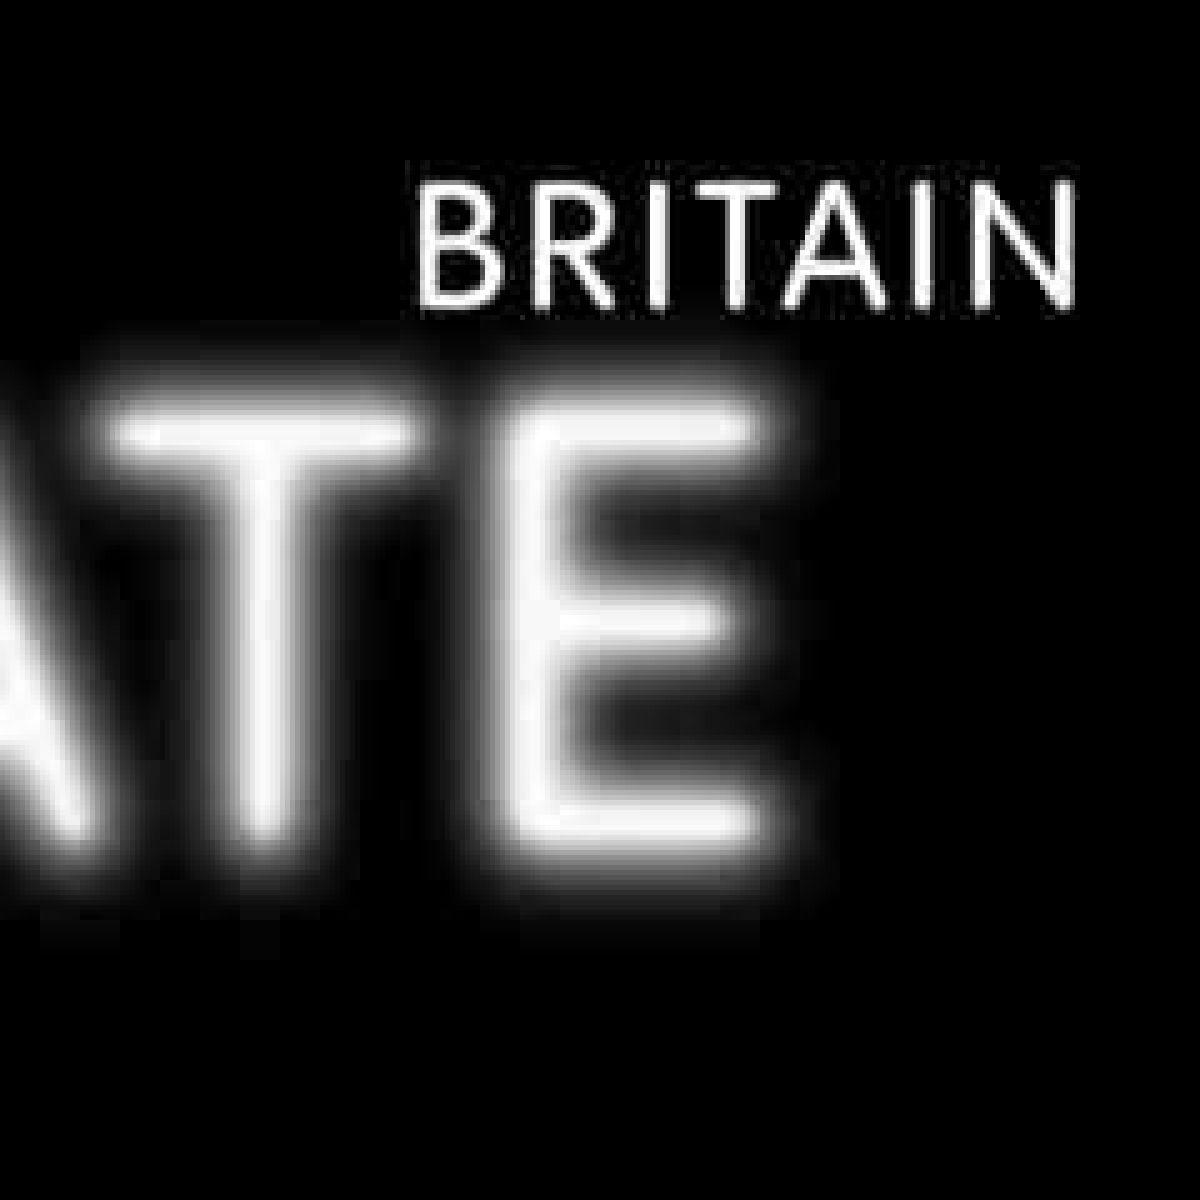 Tate Britain - Sztuka brytyjska od 1500 do dziś.